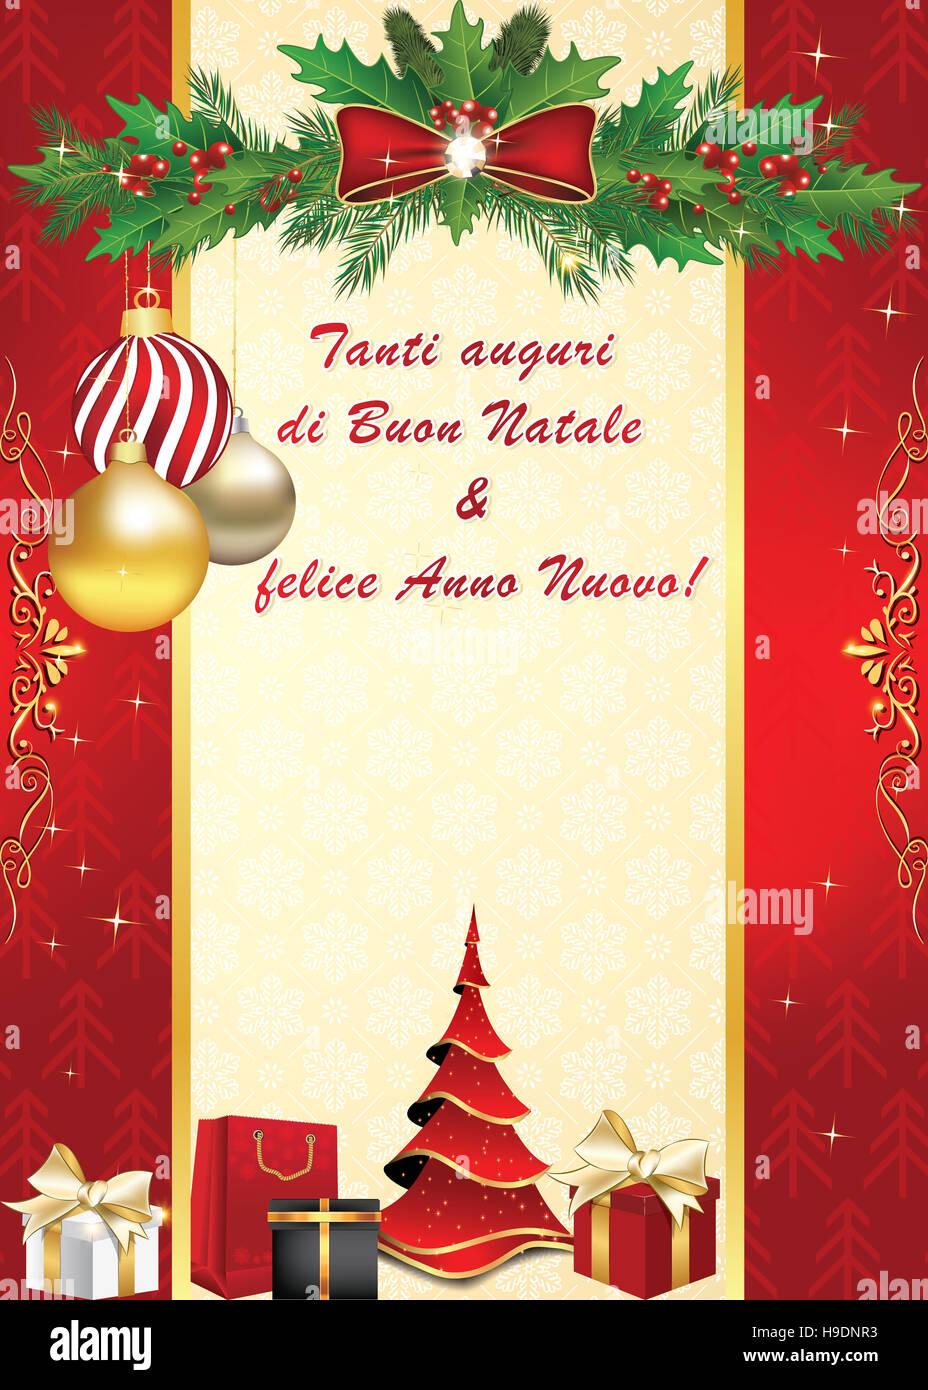 tanti auguri di buon natale  u0026 felice anno nuovo